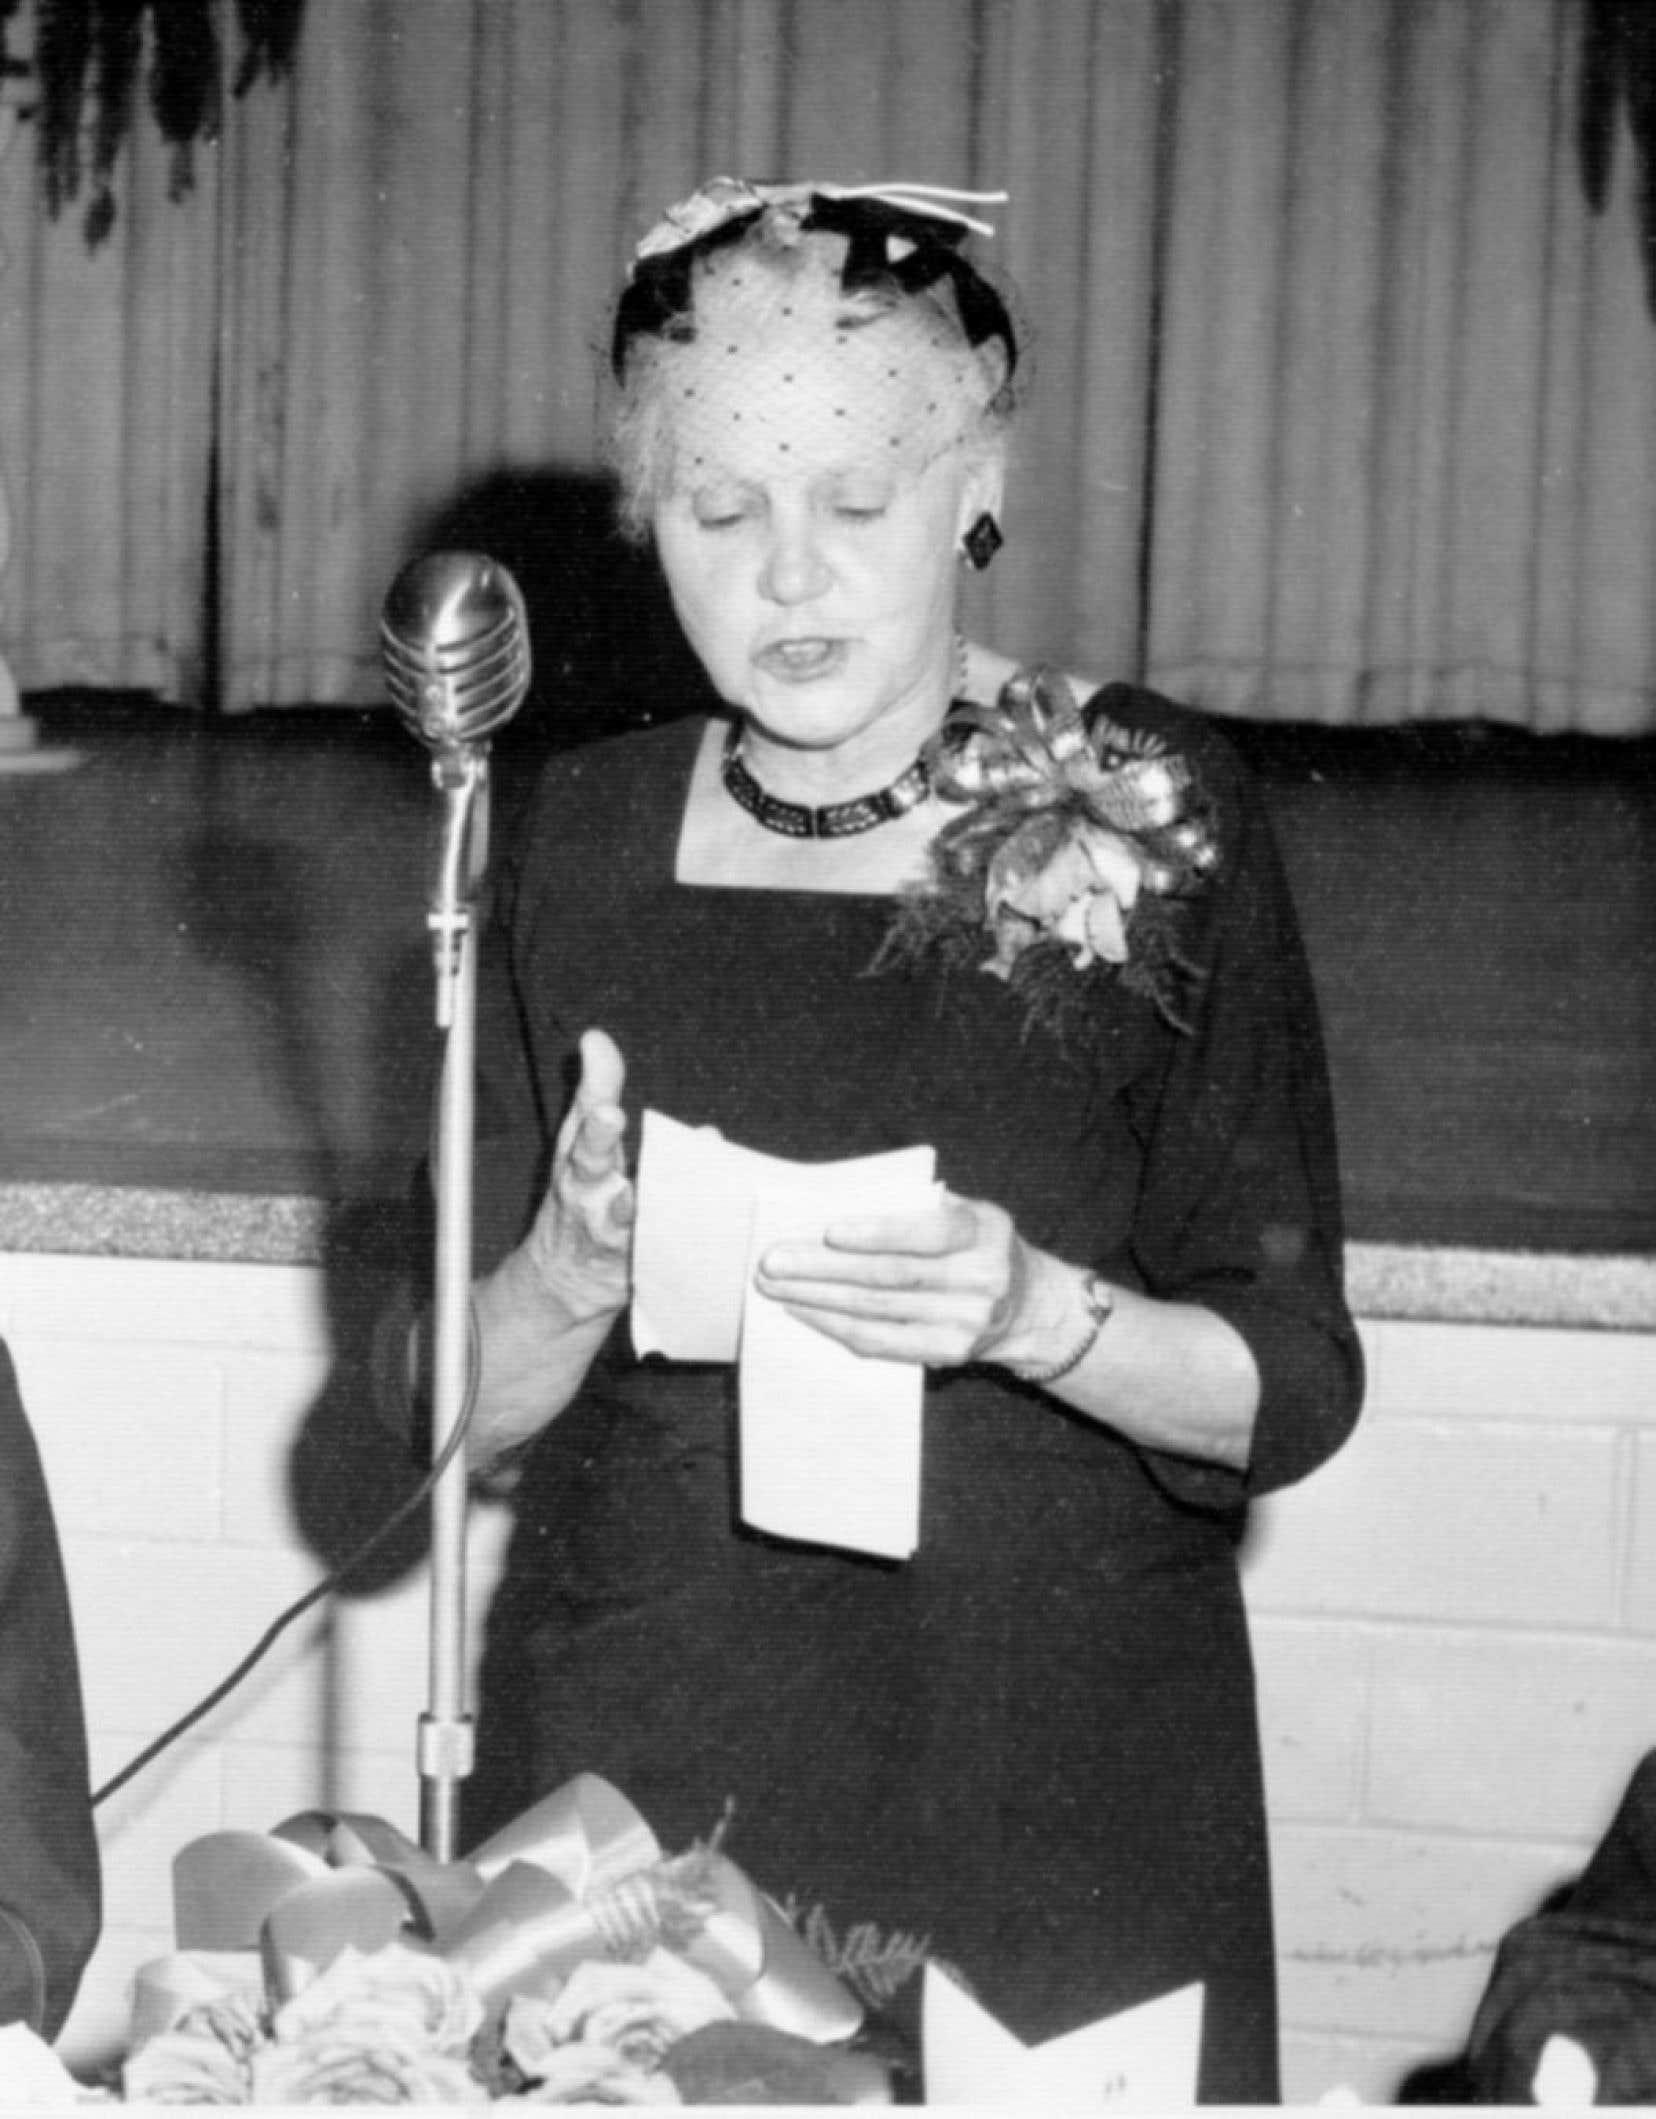 En 1937, Laure Gaudreault devient une syndicaliste rémunérée à temps plein (450$ par année) au moment de la création de la Fédération catholique des institutrices rurales du Québec. Elle prend conscience de l'ampleur de sa tâche et se répète souvent à elle-même et dans ses discours publics: «Ce n'est pas parce que personne ne parle que la justice règne.»